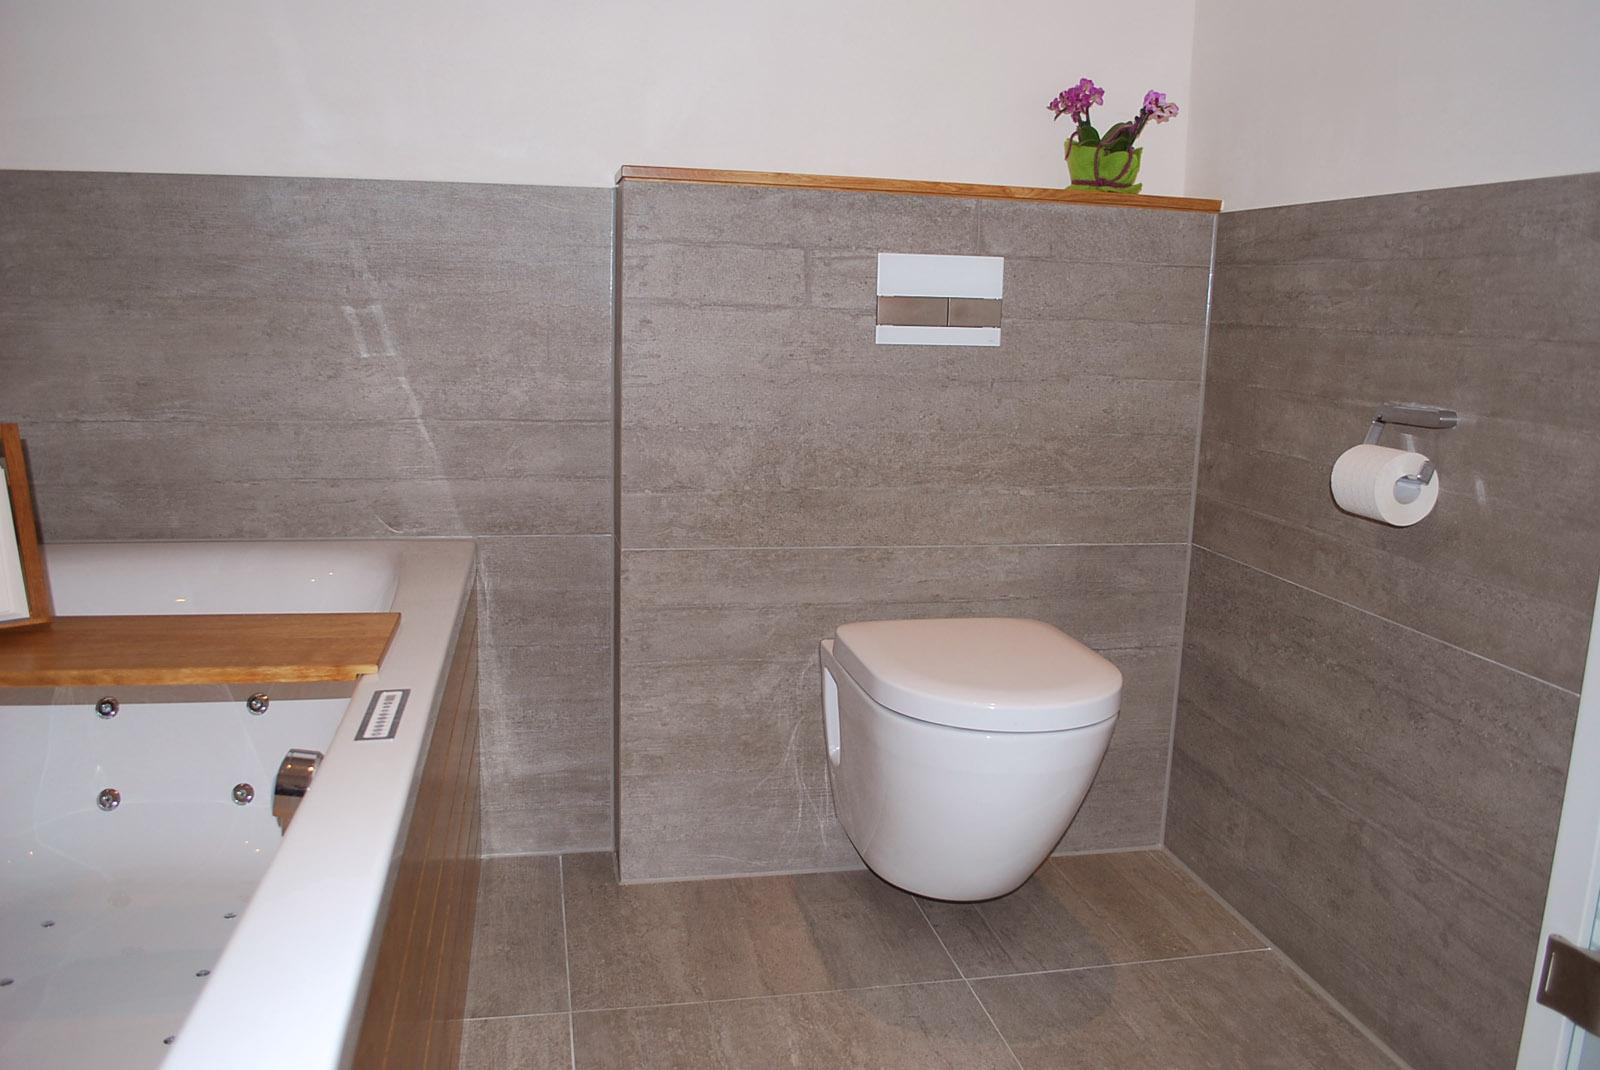 Badezimmerausstattung Wannenverkleidung & Waschtisch ...